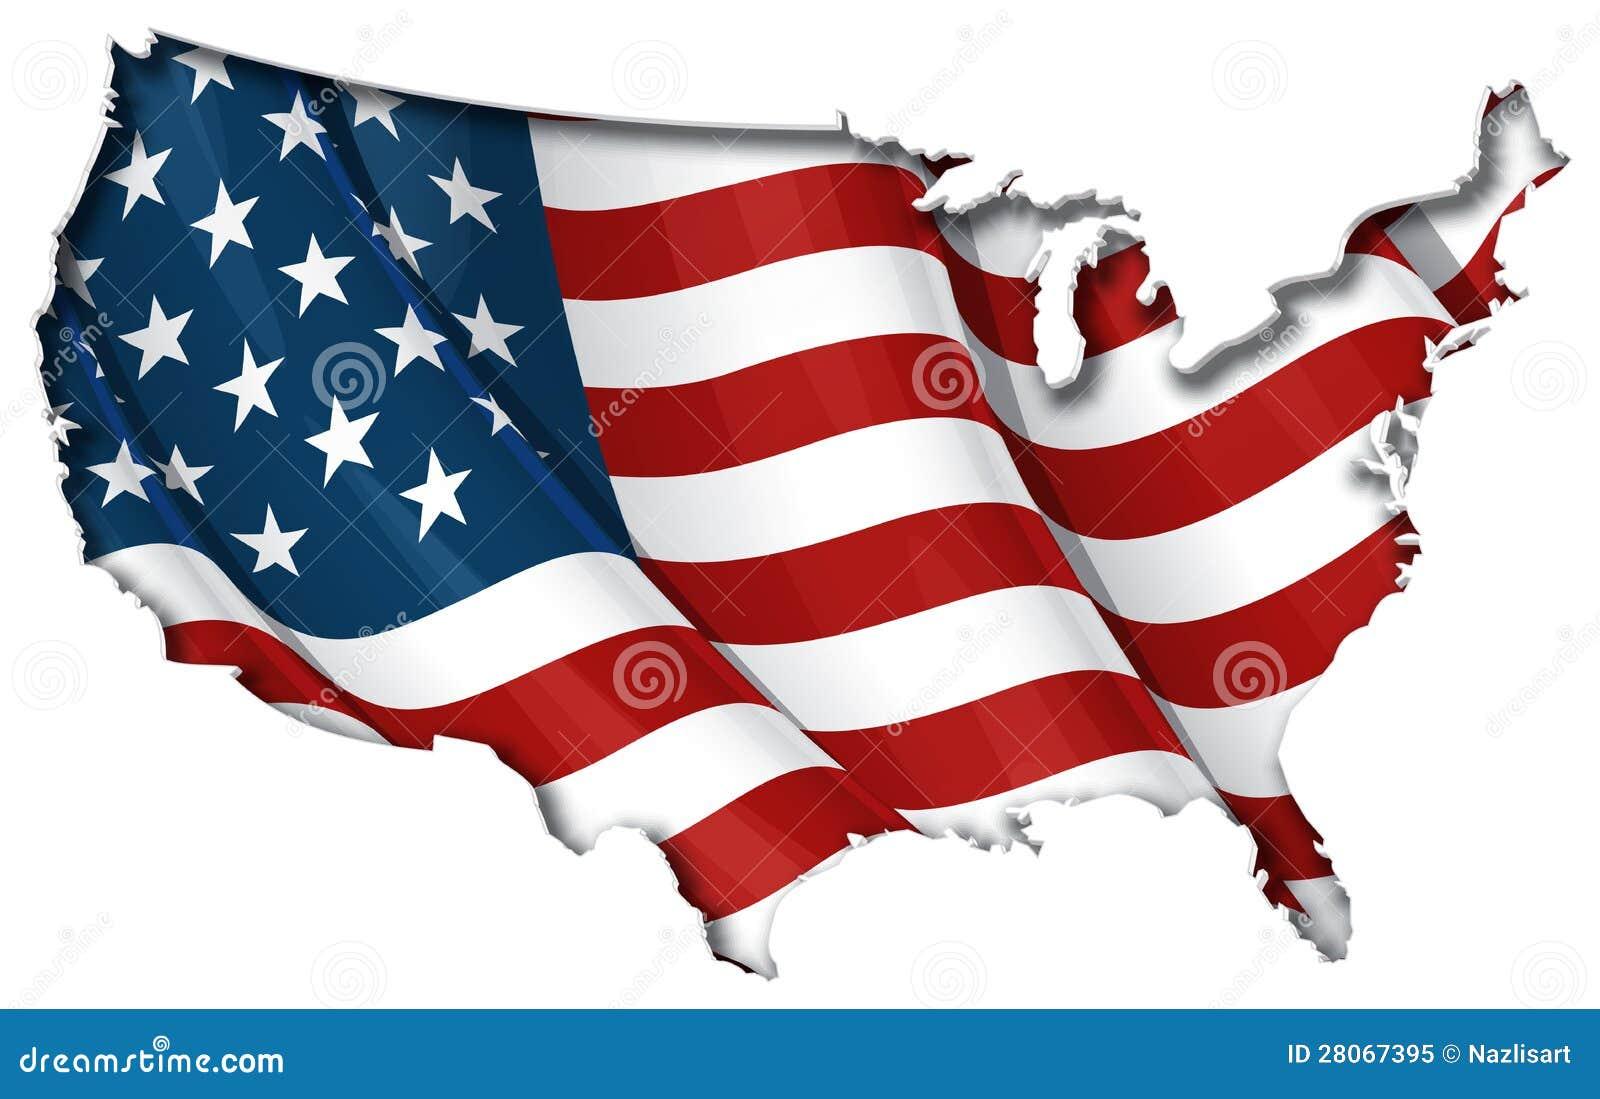 confederate flag eagle wallpaper